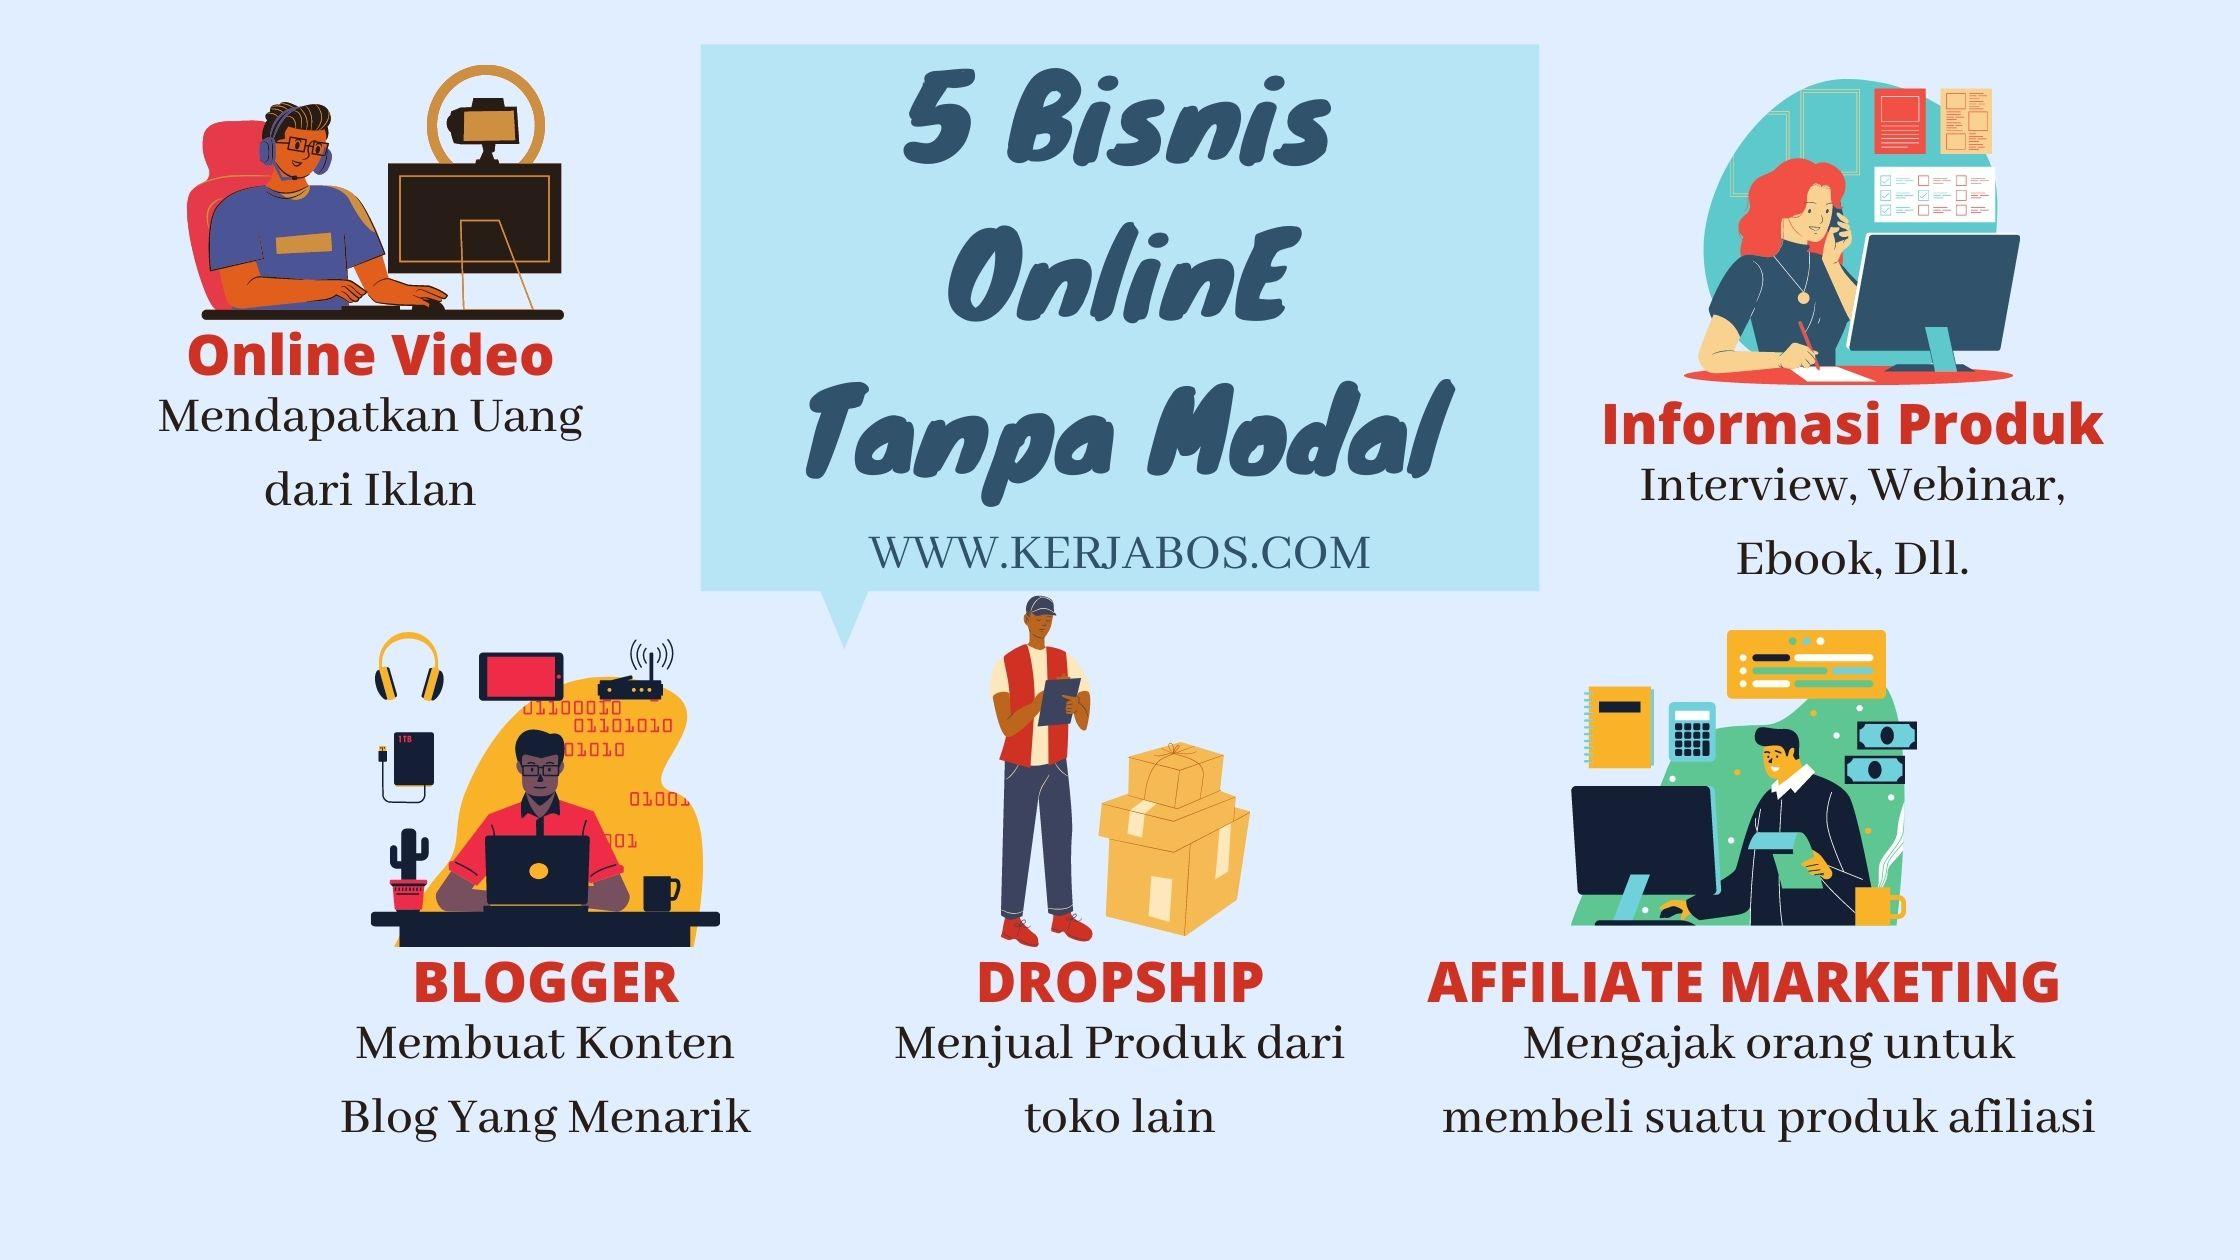 5 Bisnis Online Tanpa Modal